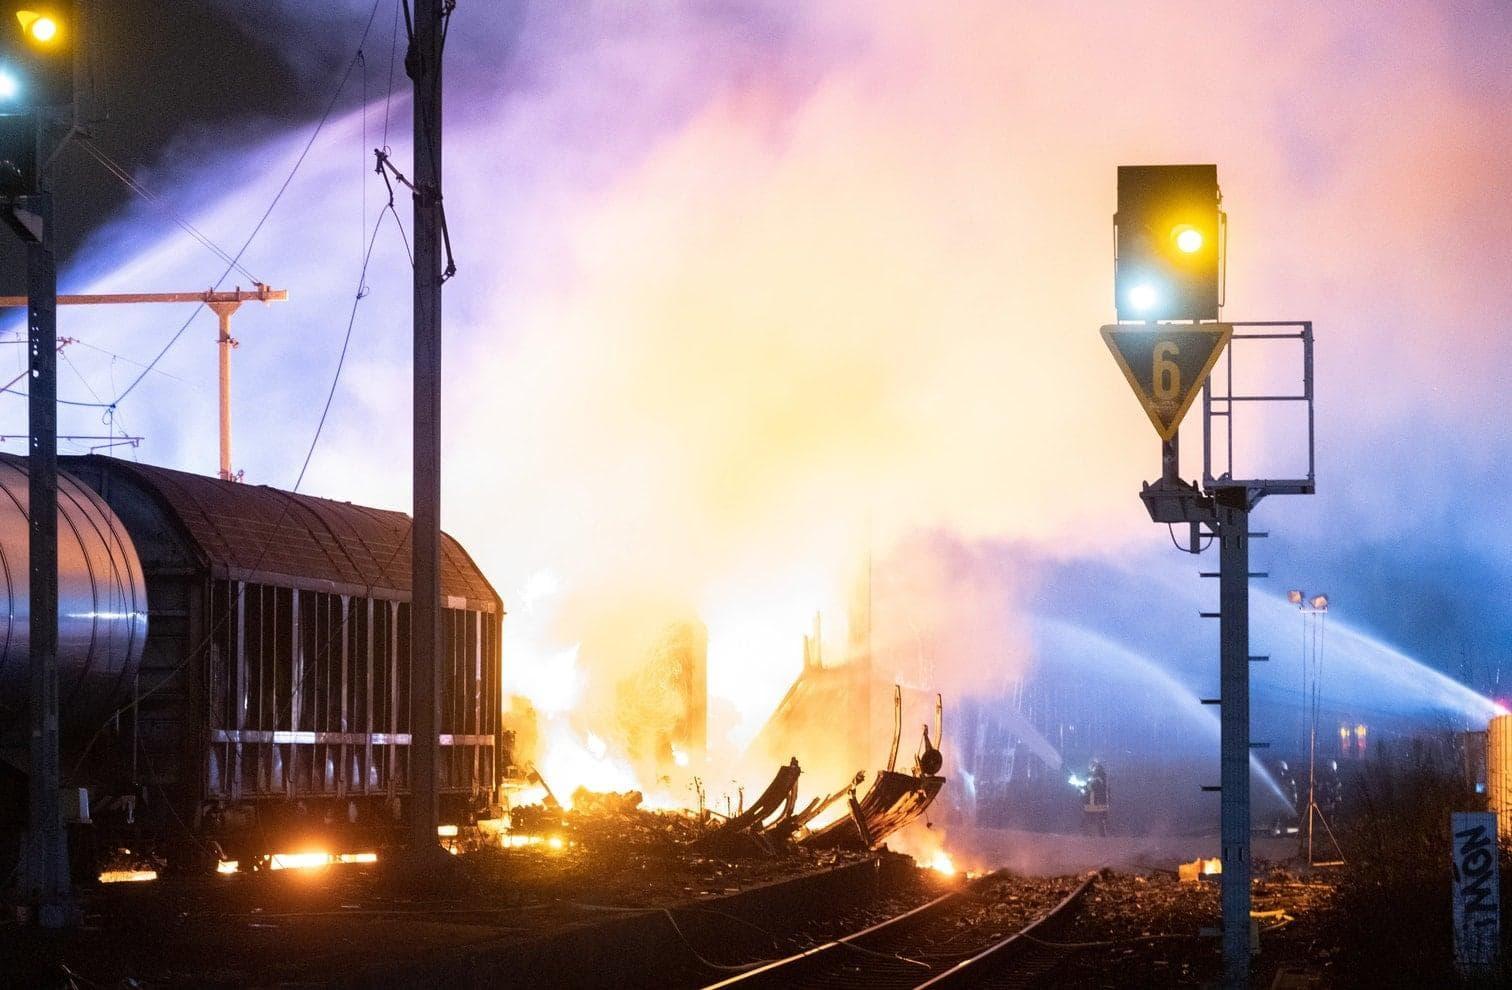 immer wieder seien Spraydosen explodiert und durch die Luft geflogen.</p> Foto: dpa/Frank Homann